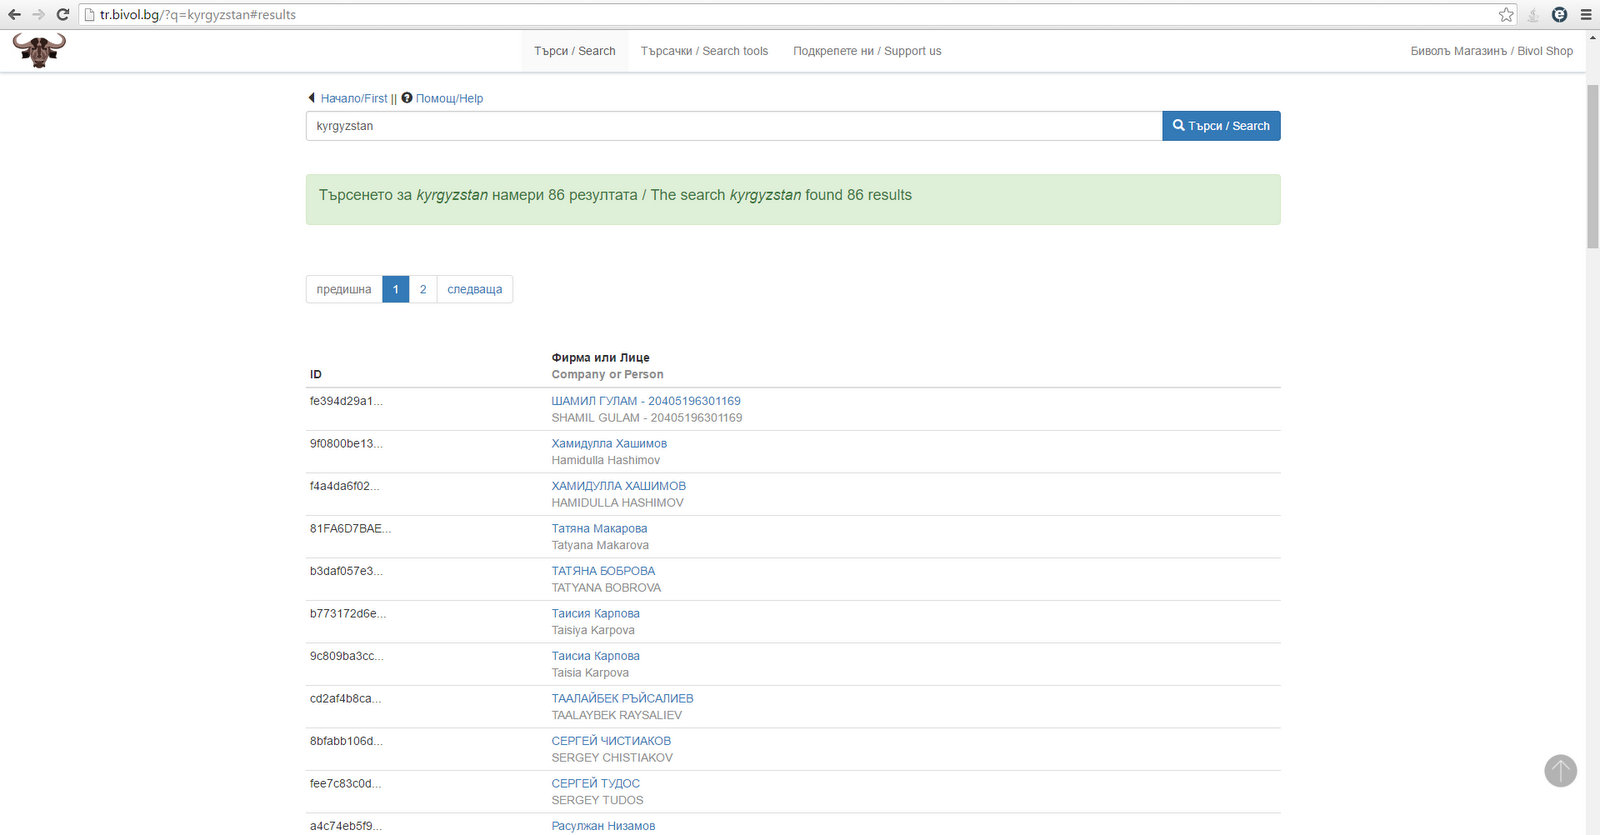 """Результаты поиска по слову """"Kyrgyzstan"""". Скриншот с сайта """"Бивола""""."""